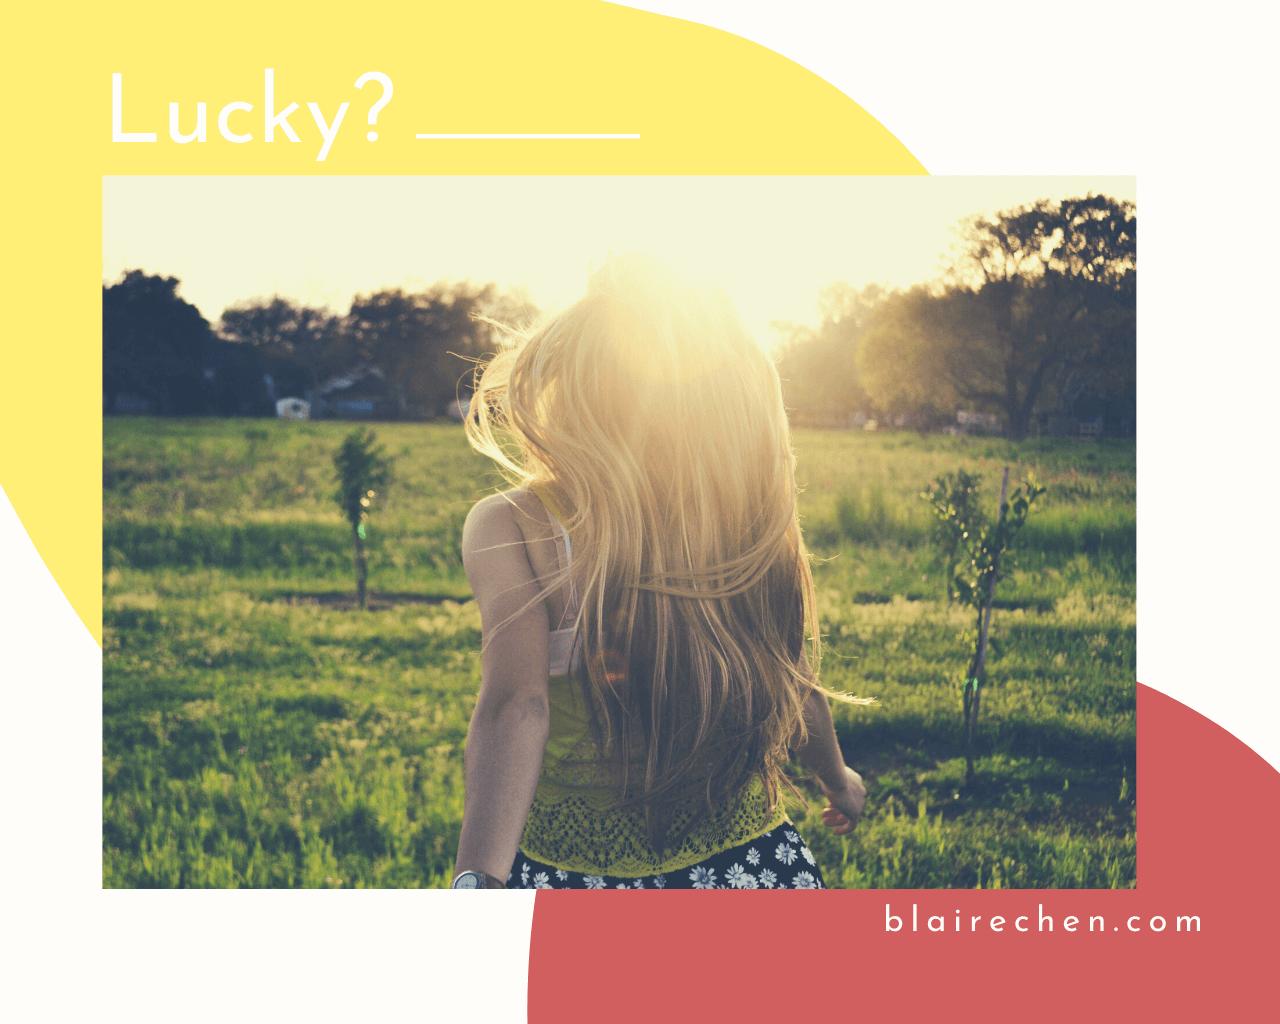 所謂幸運到底是什麼?保有自我、真心相待,5 個幸福感滿滿的狀態!